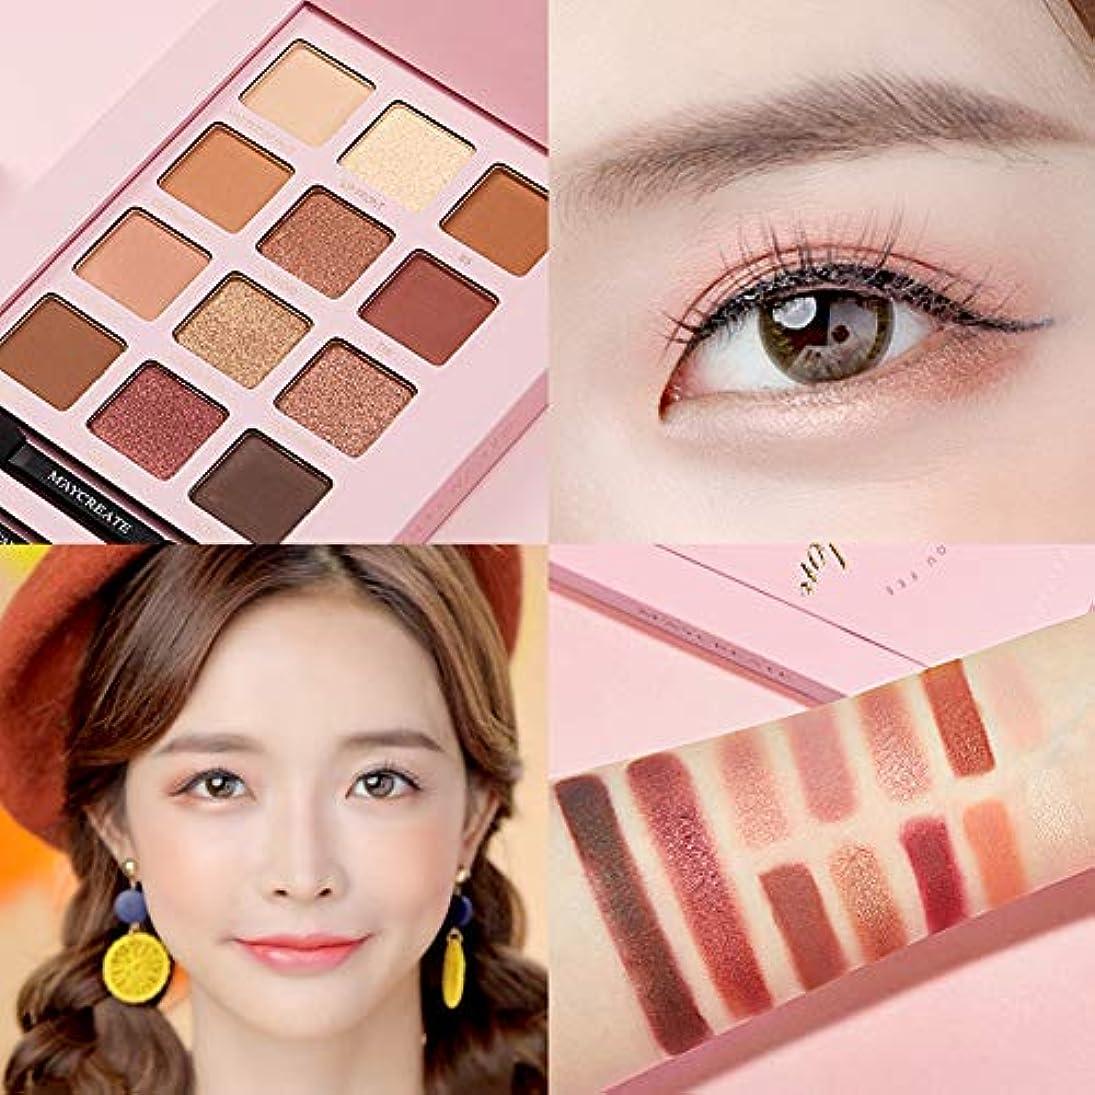 着実に曲氏Dkhsyアイシャドーマットアイシャドープレート美容女性の目の化粧品ラスティングキラキラアイシャドウ化粧品ツール 12色